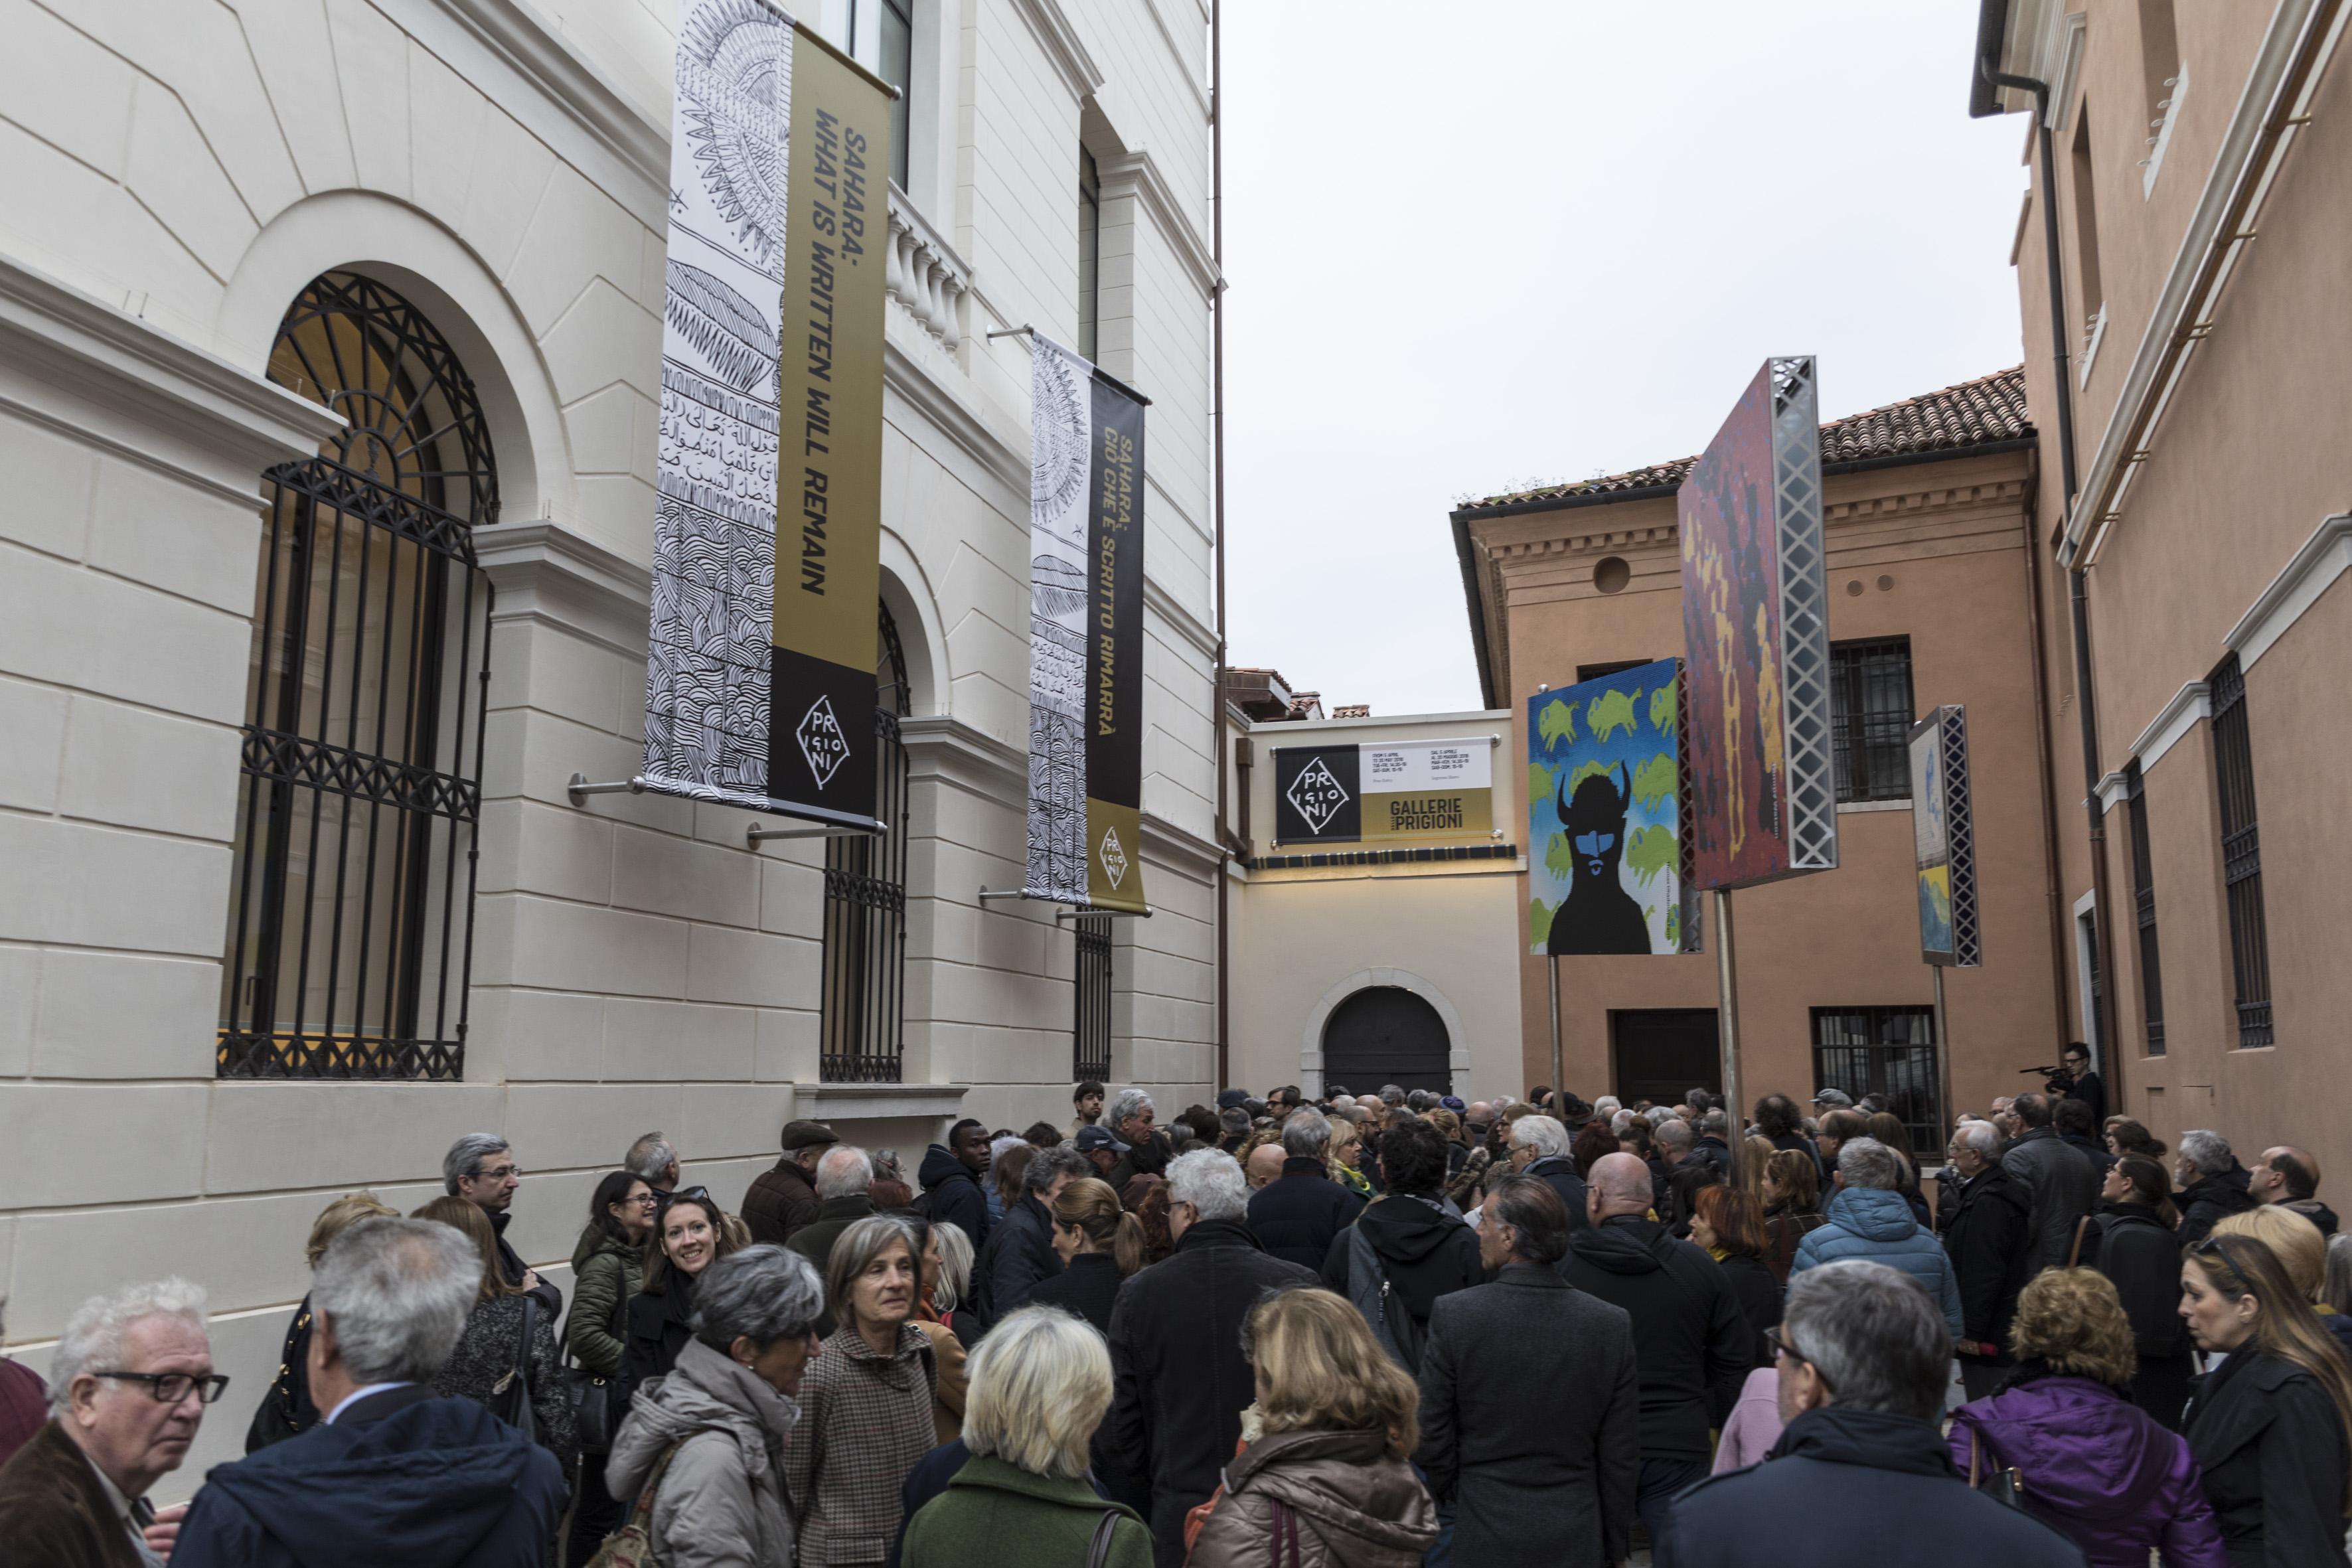 Gallerie delle prigioni - Un Opening a regola d'Arte!